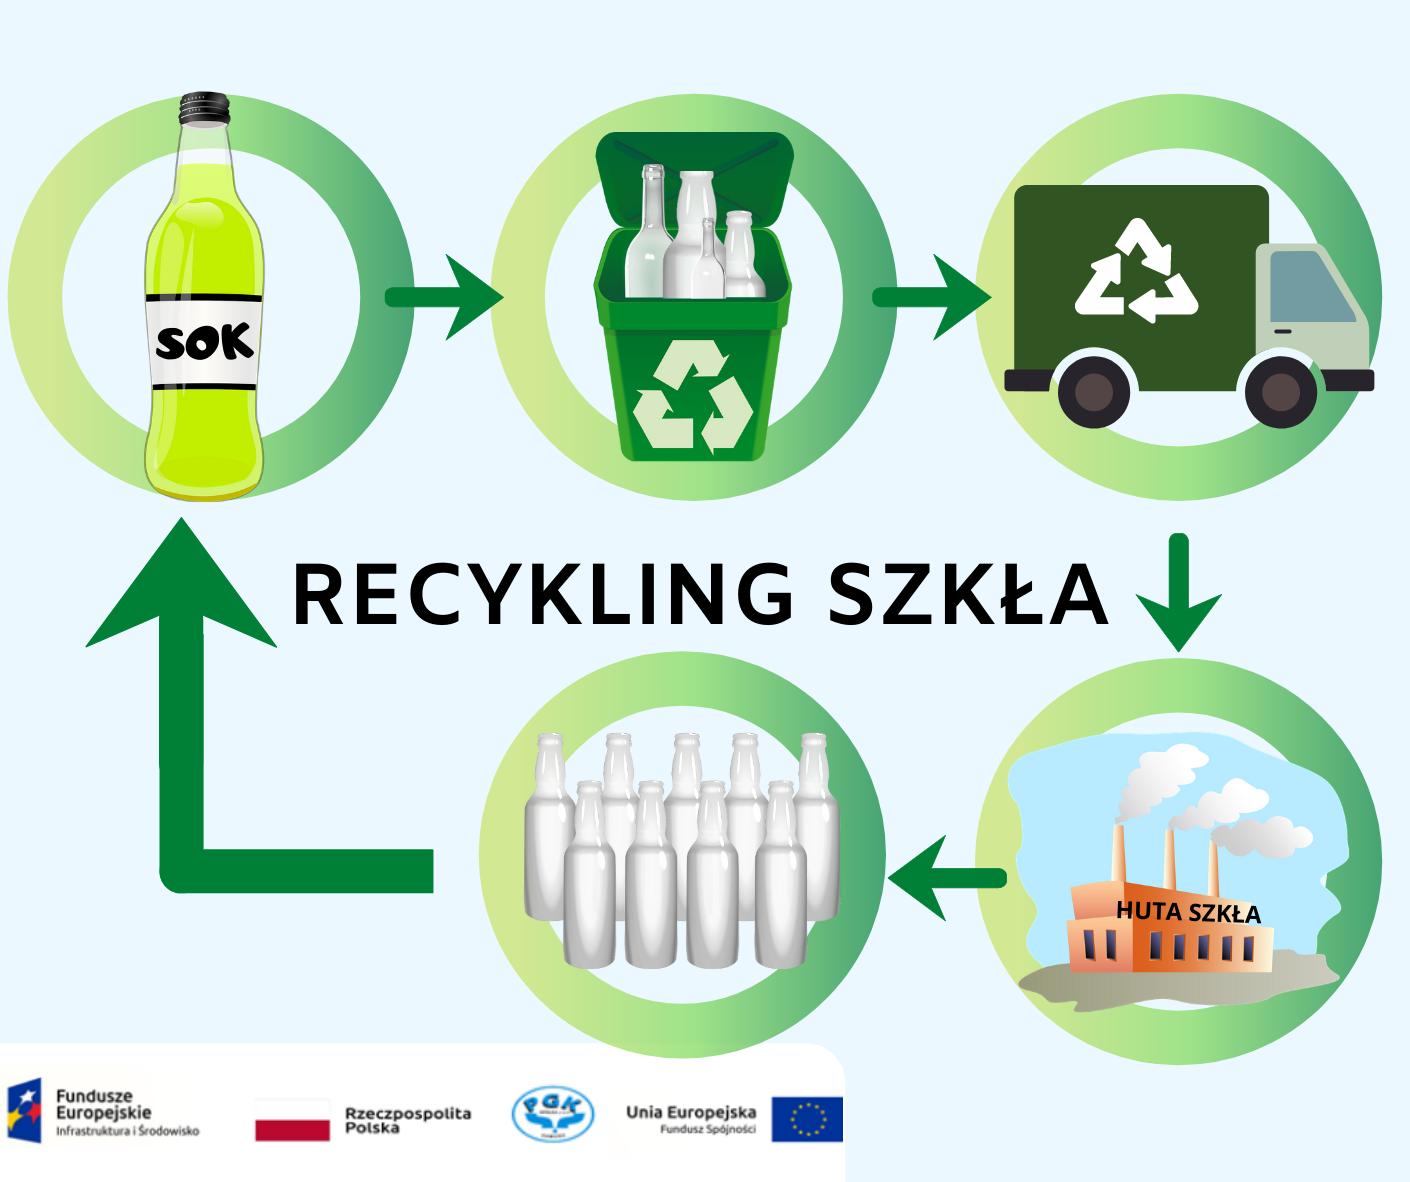 Co się dzieje z segregowanymi odpadami? Szkło